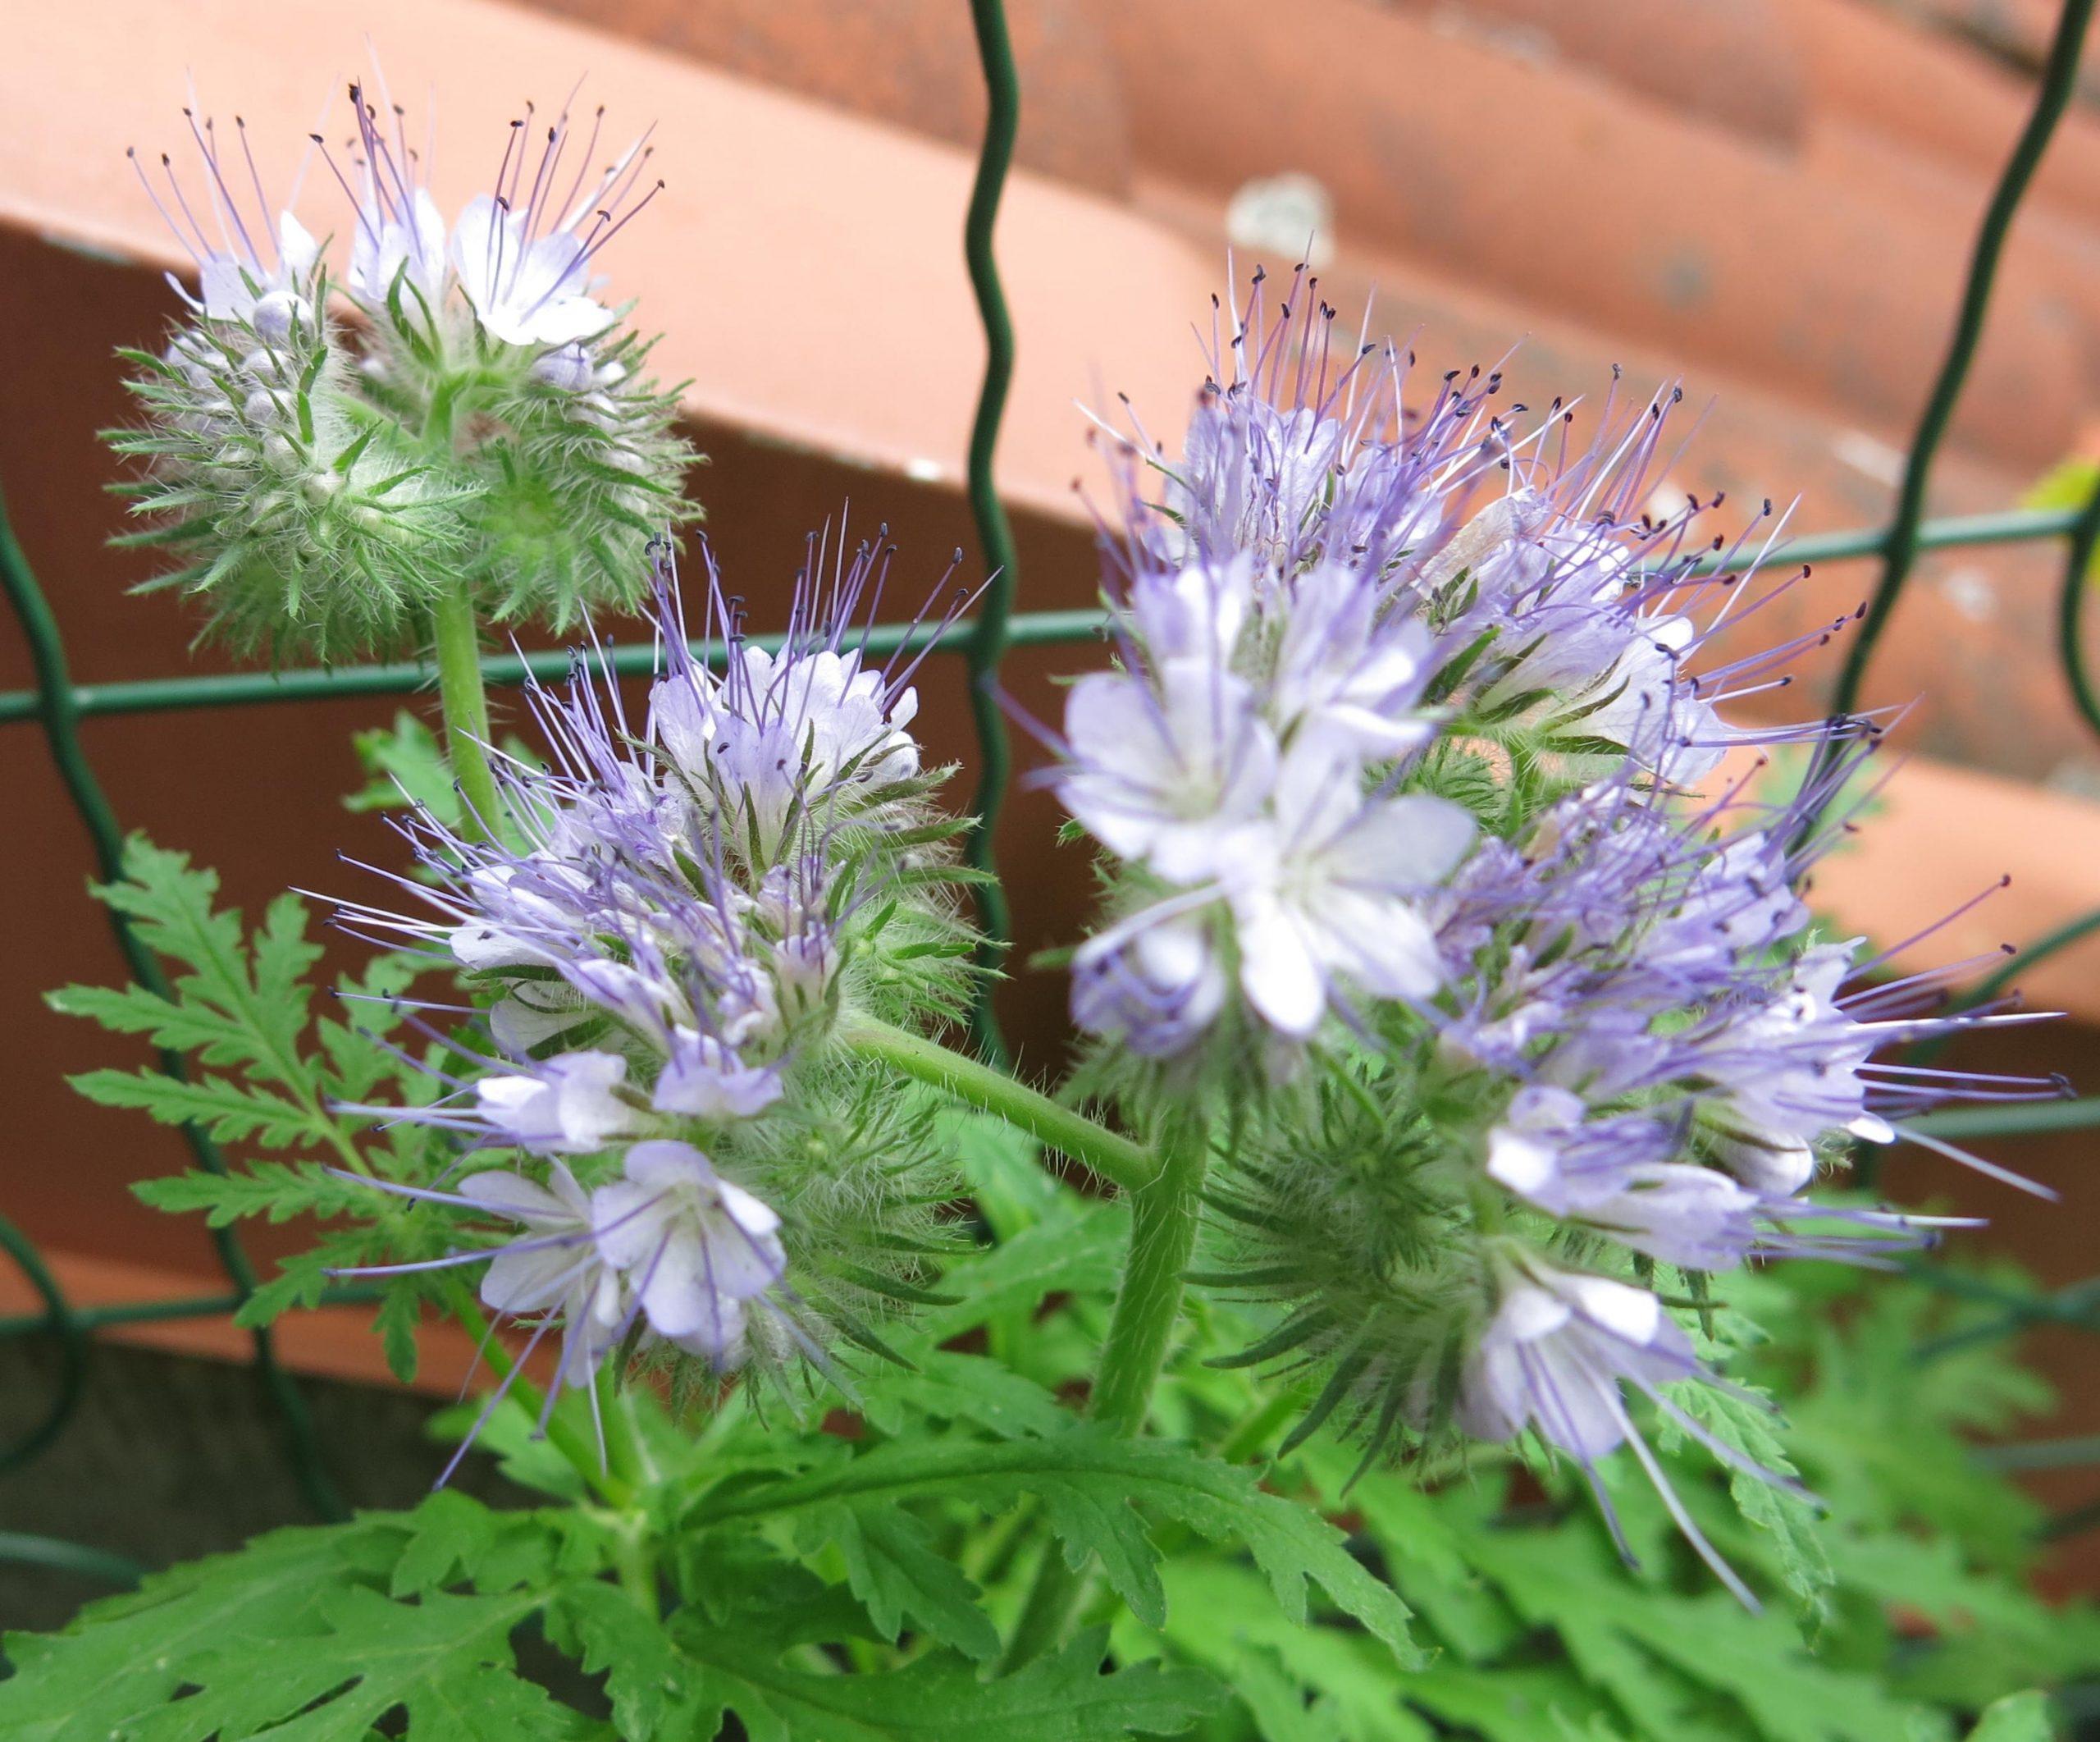 Wiesenblumen | Der Grillenscheucher verwandt mit Wiesenblume Violett